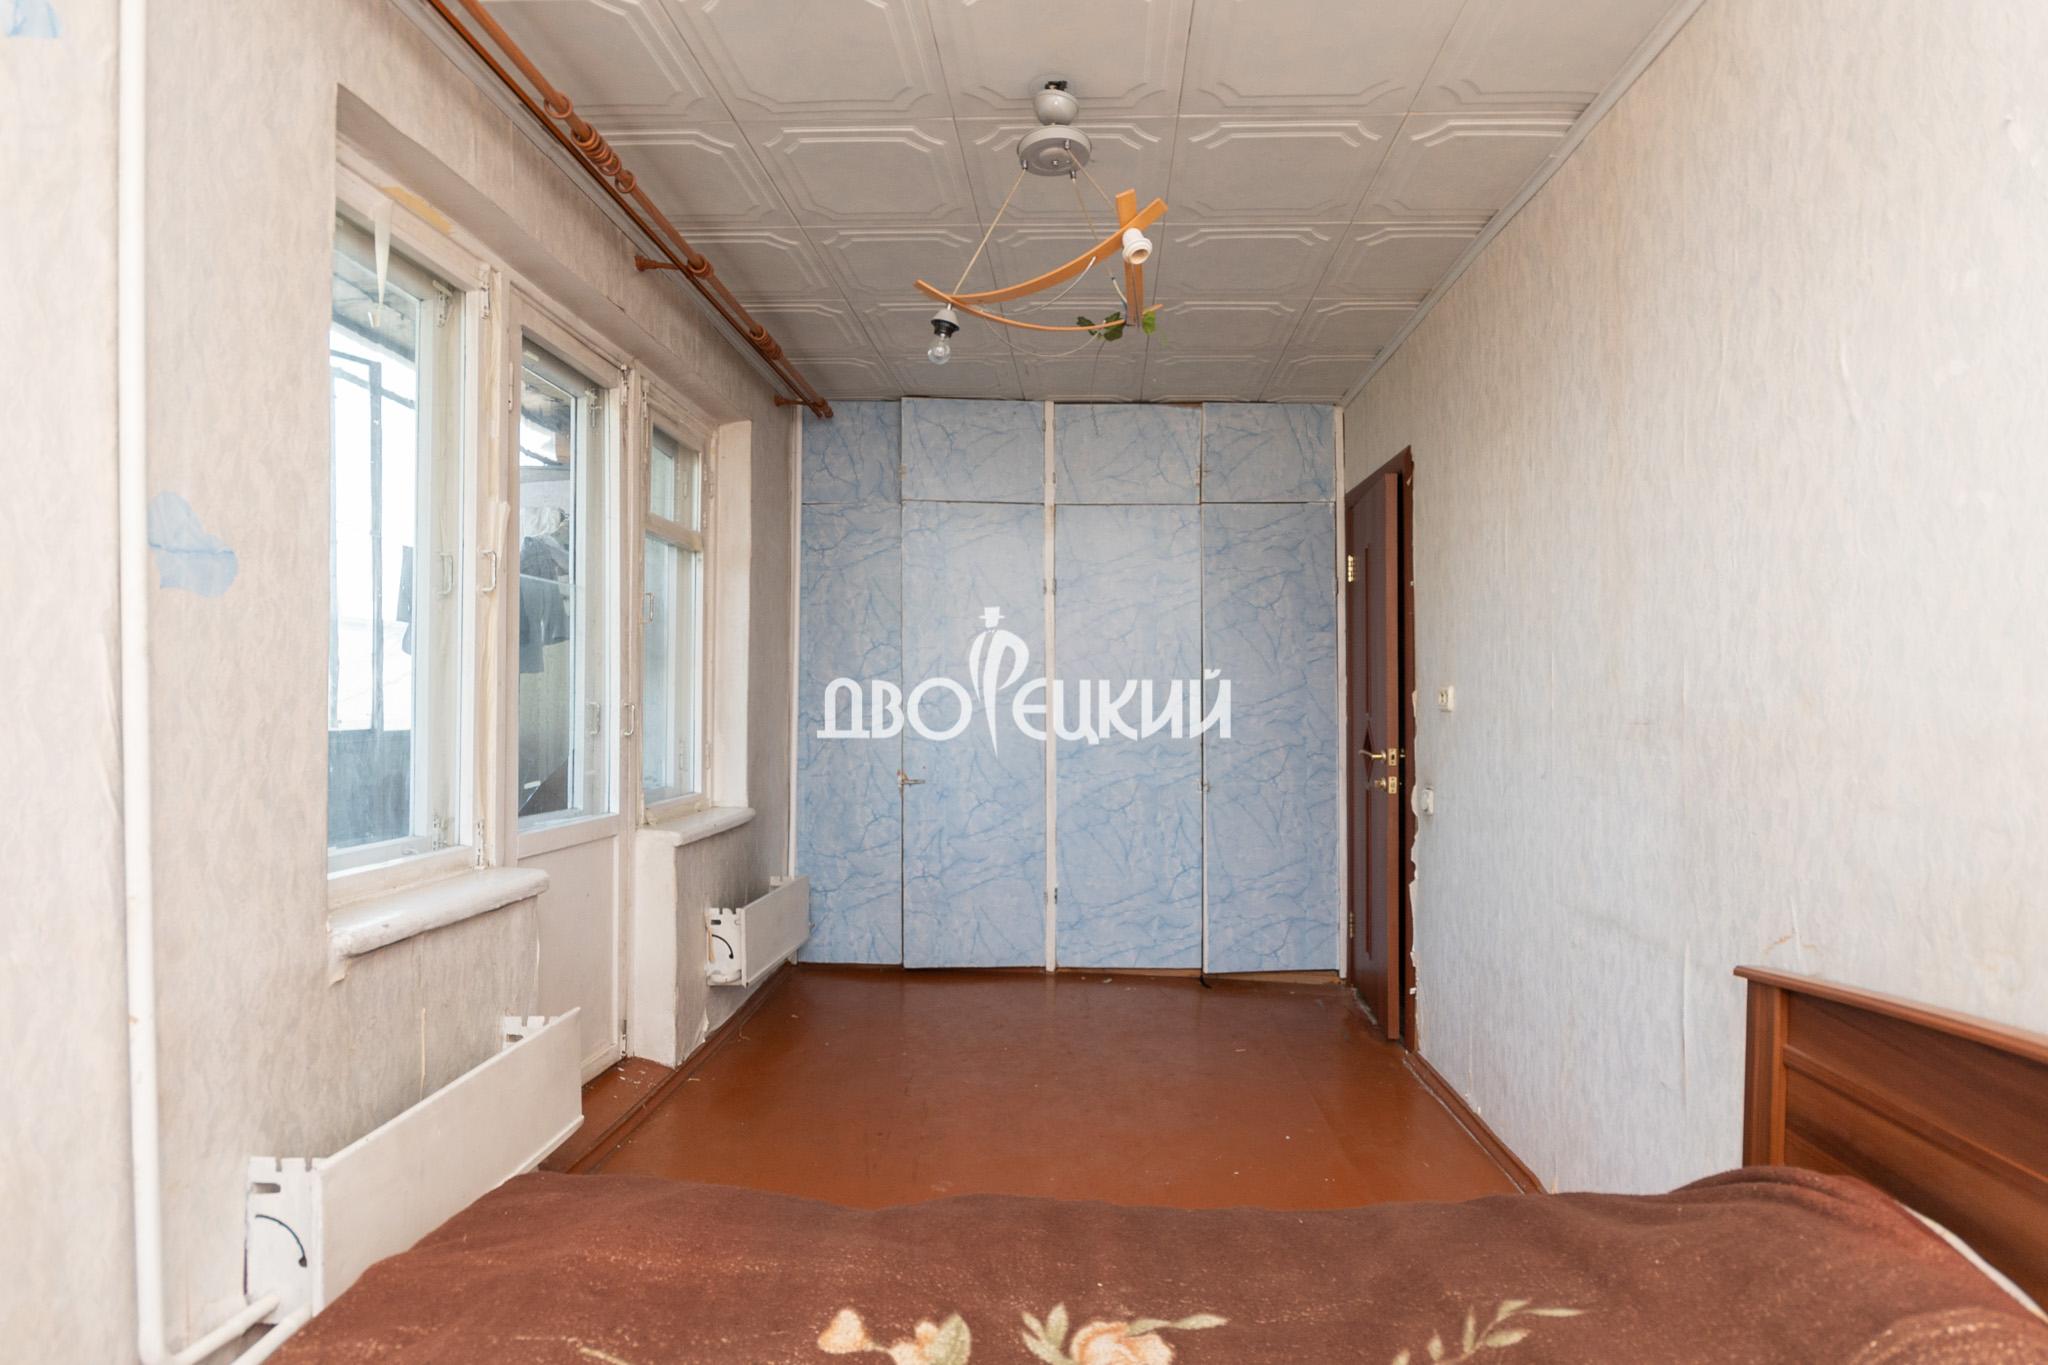 Челябинская область, Челябинск, ул. Байкальская, 35 2